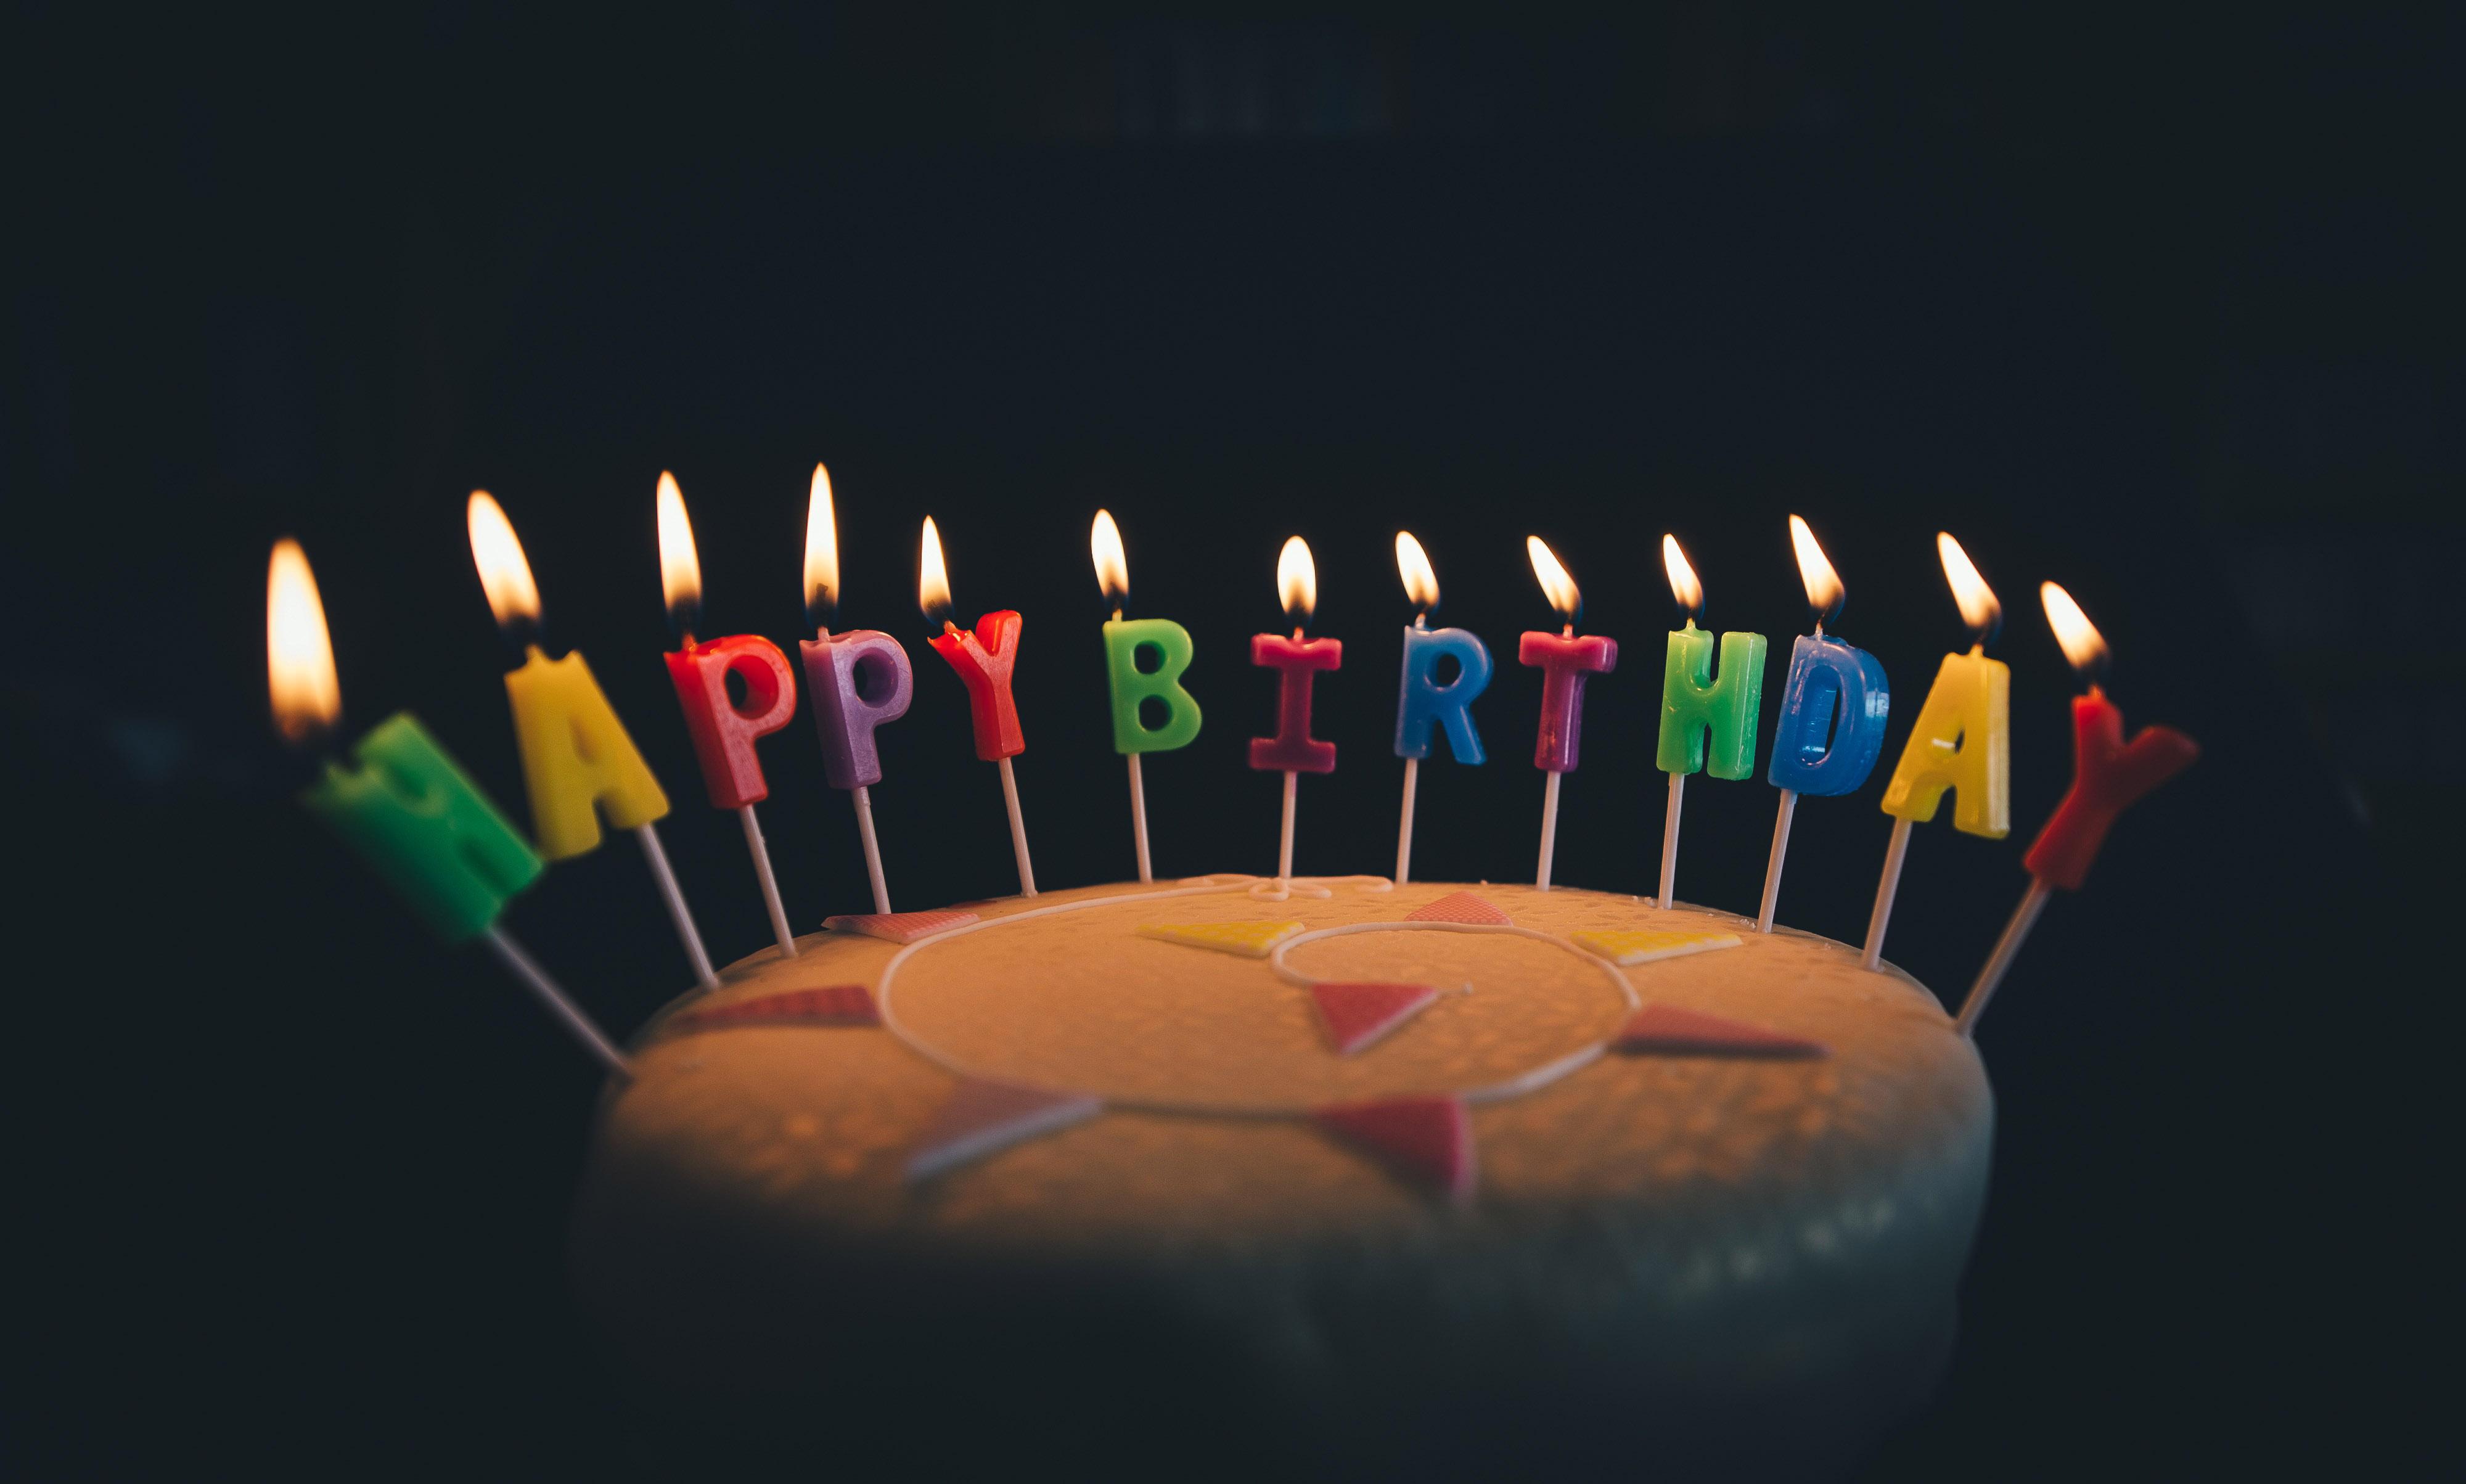 Happy Birthday Pixelated Cake